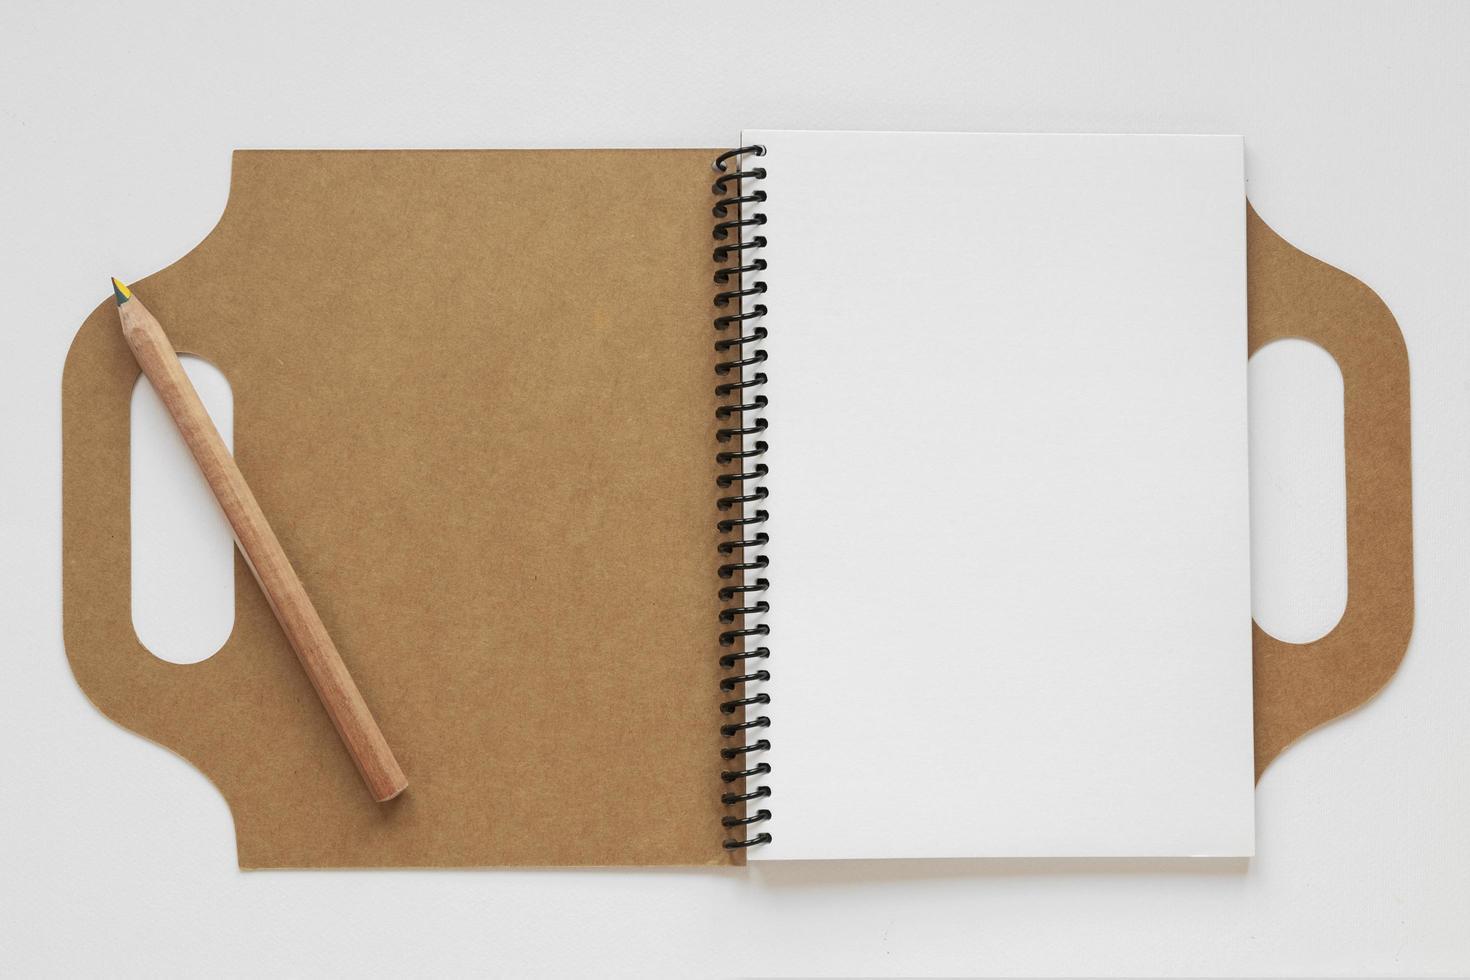 sammansättning av journal för återvunnet material foto